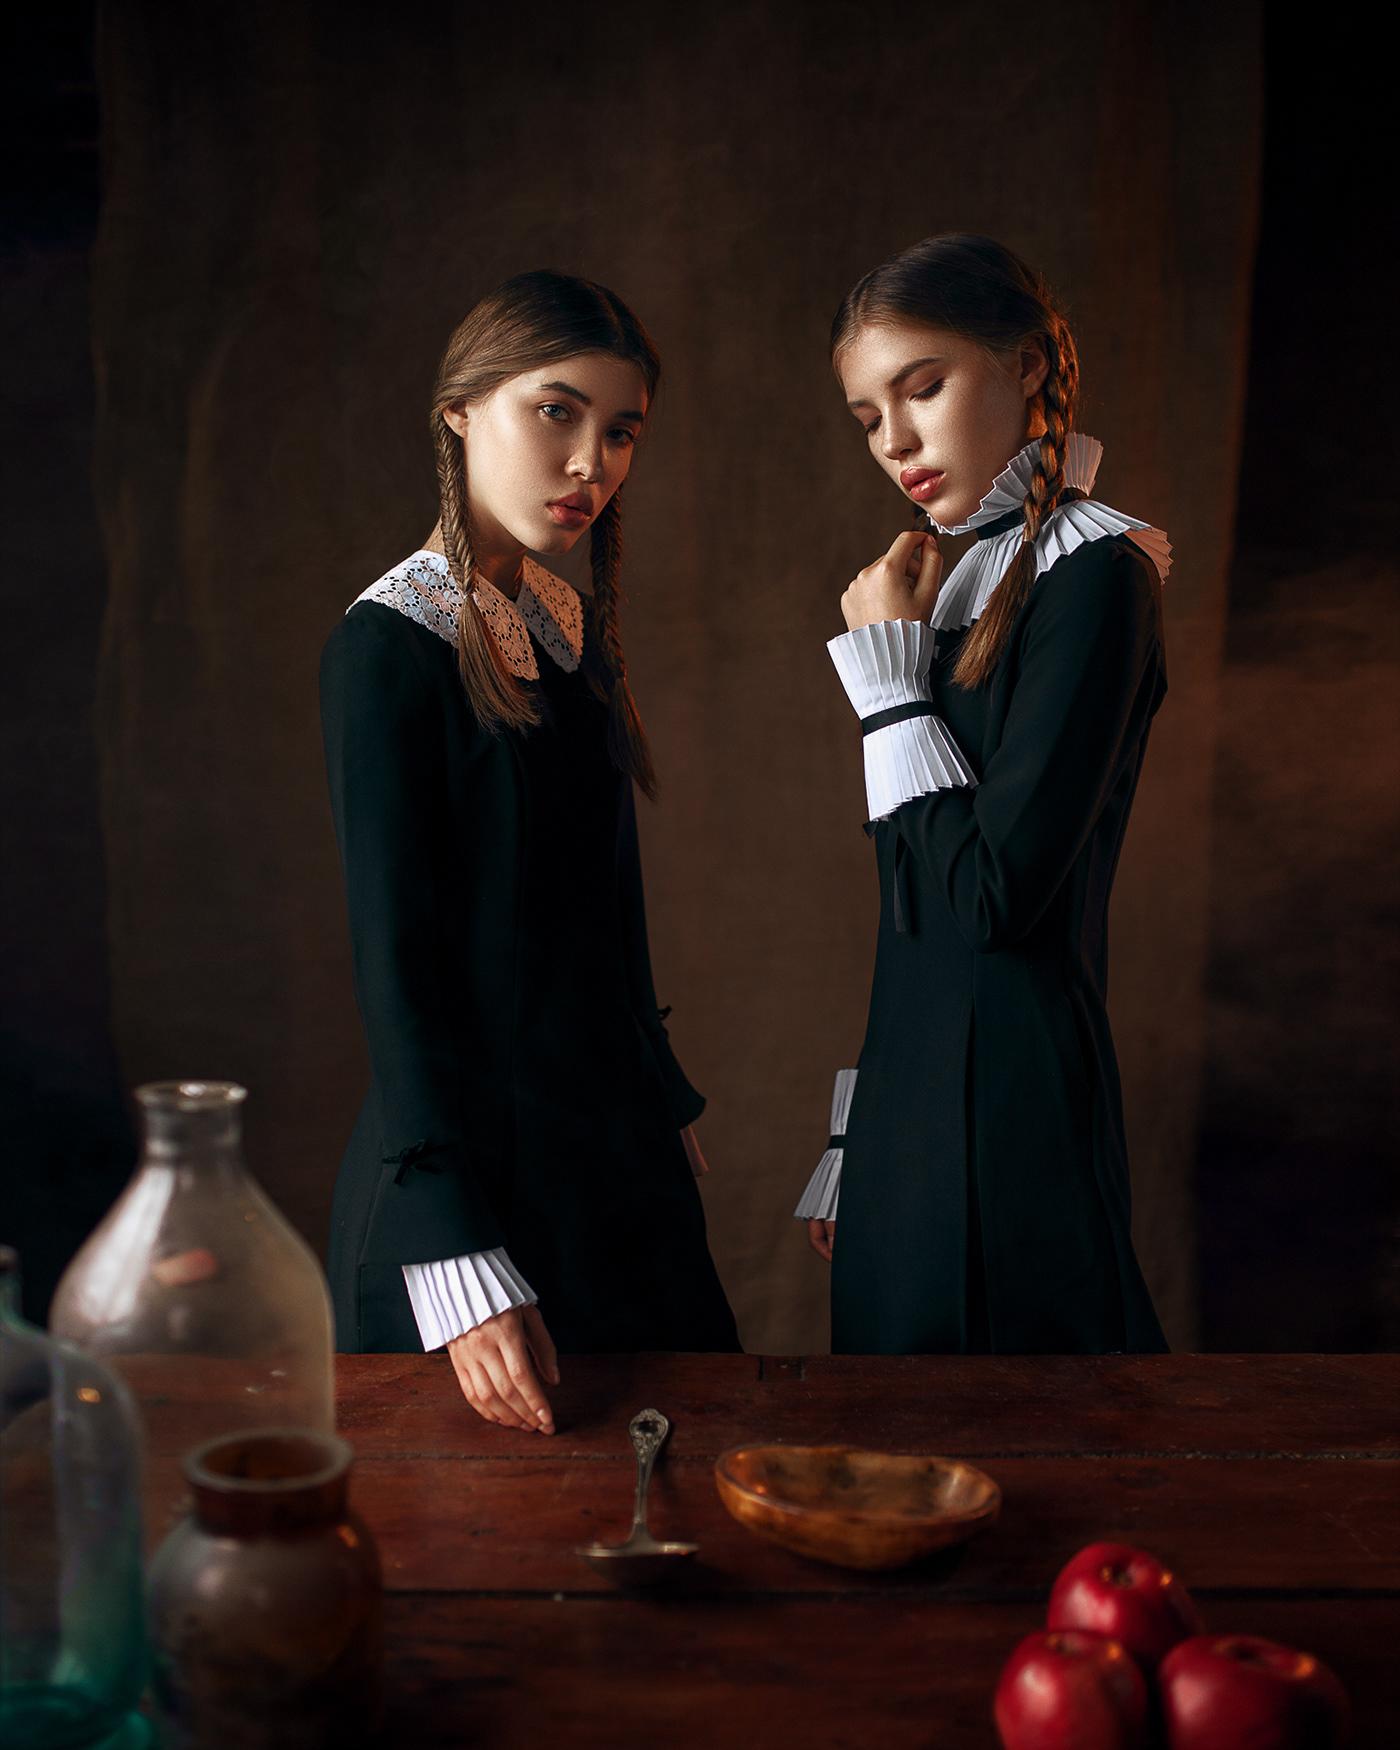 Сестры / фотограф Макс Кузин